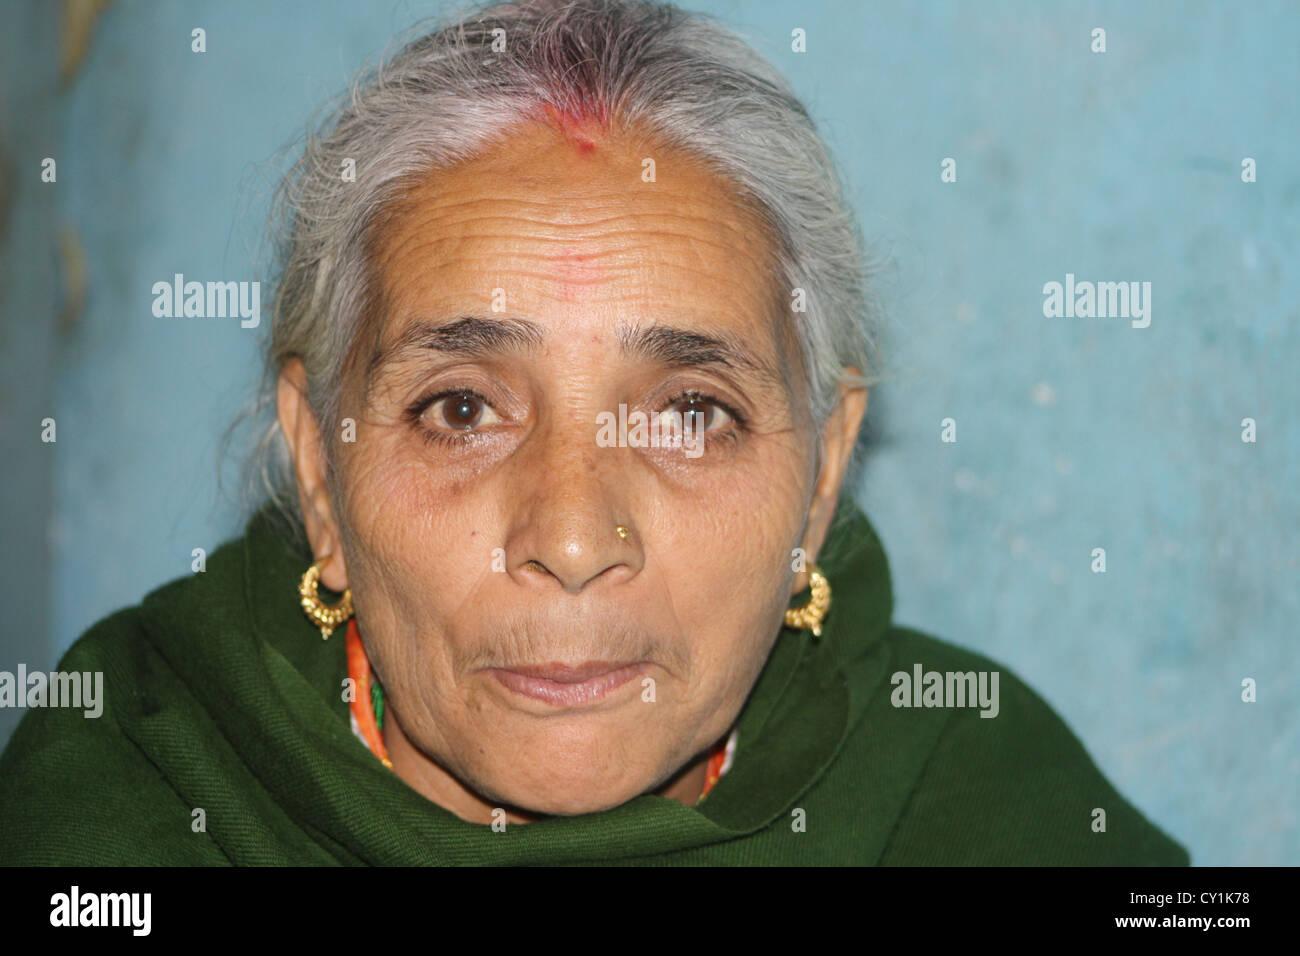 nepali women in sikkim. - Stock Image